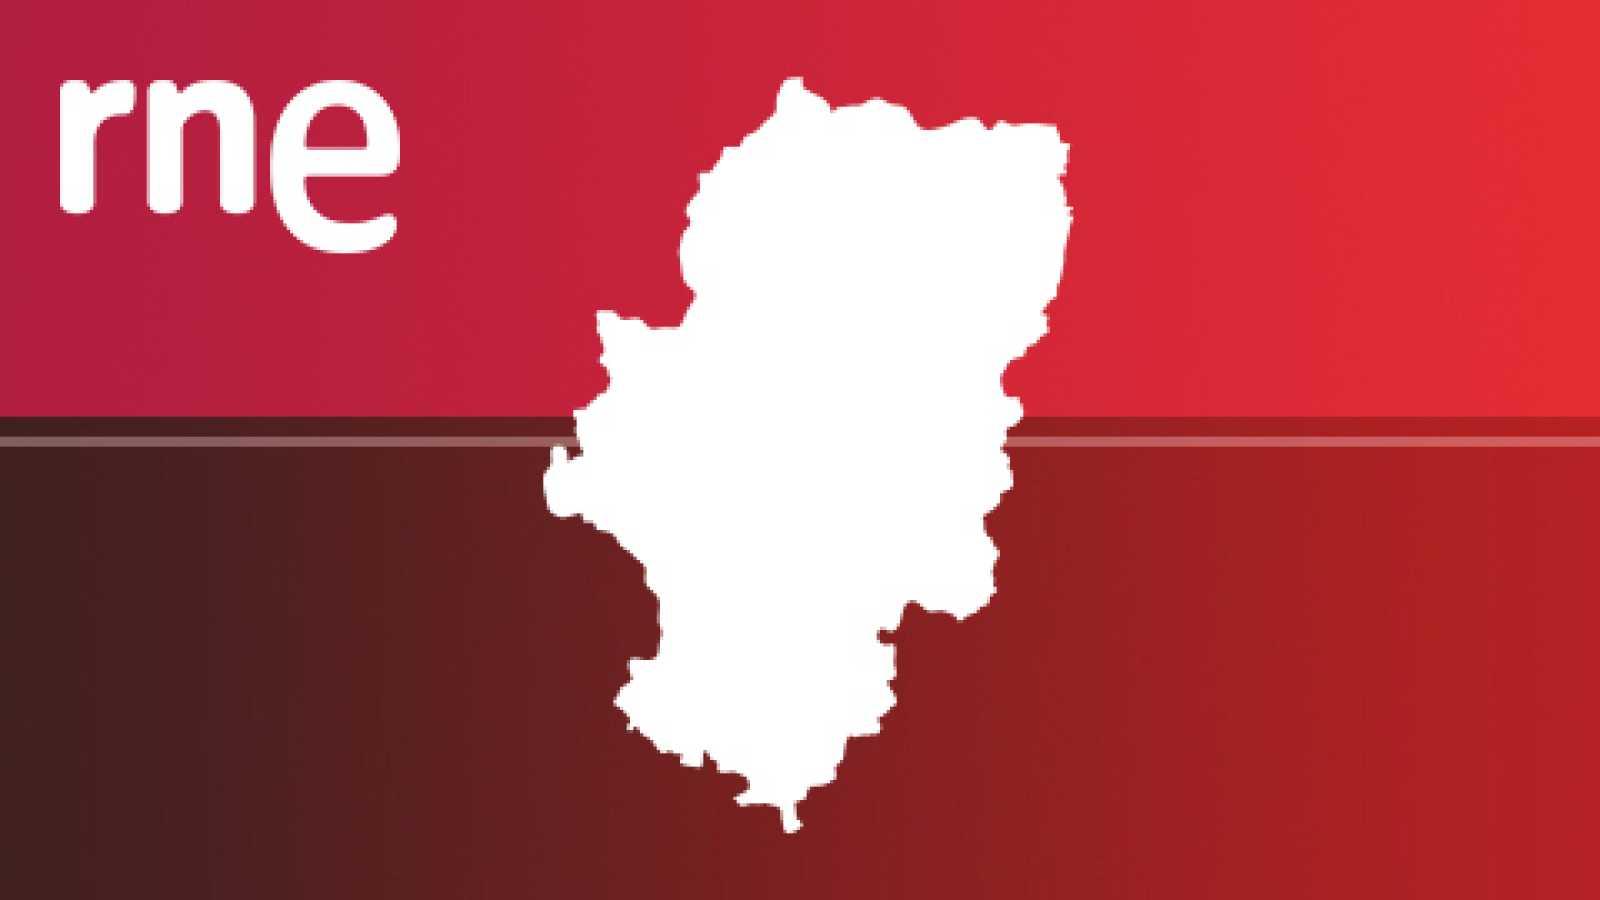 Crónica de Aragón - Activada para hoy sábado en Aragón alerta roja por riesgo de incendios en el Pirineo oriental y el Somontano oriental - 22/08/20 - escuchar ahora